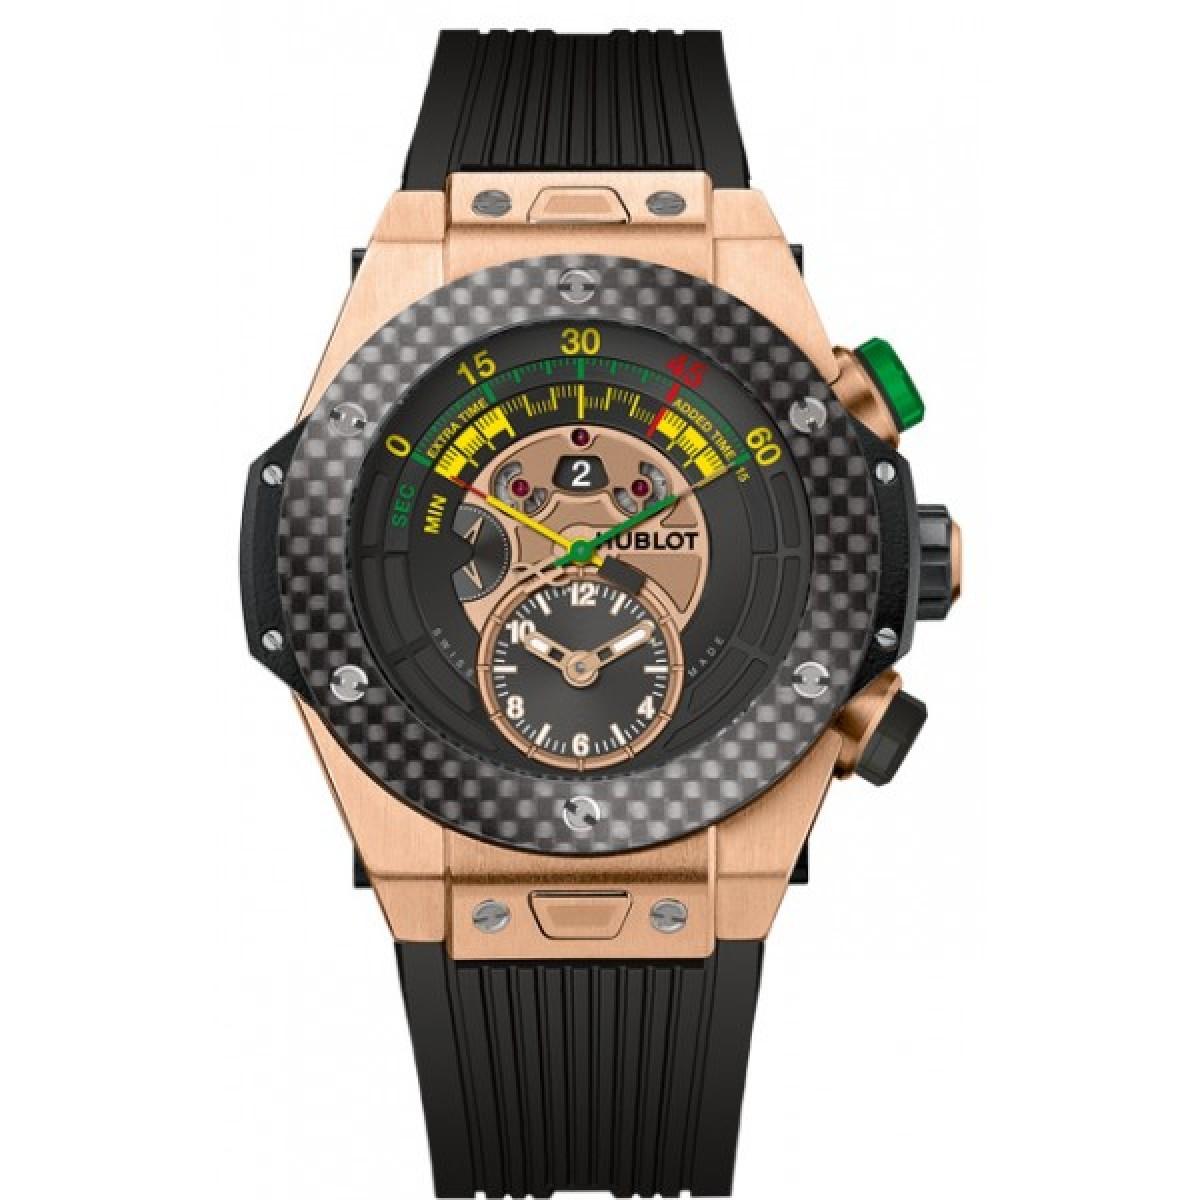 c134ae245b5 Espiar · Relógio Réplica Hublot Copa do Mundo 2014